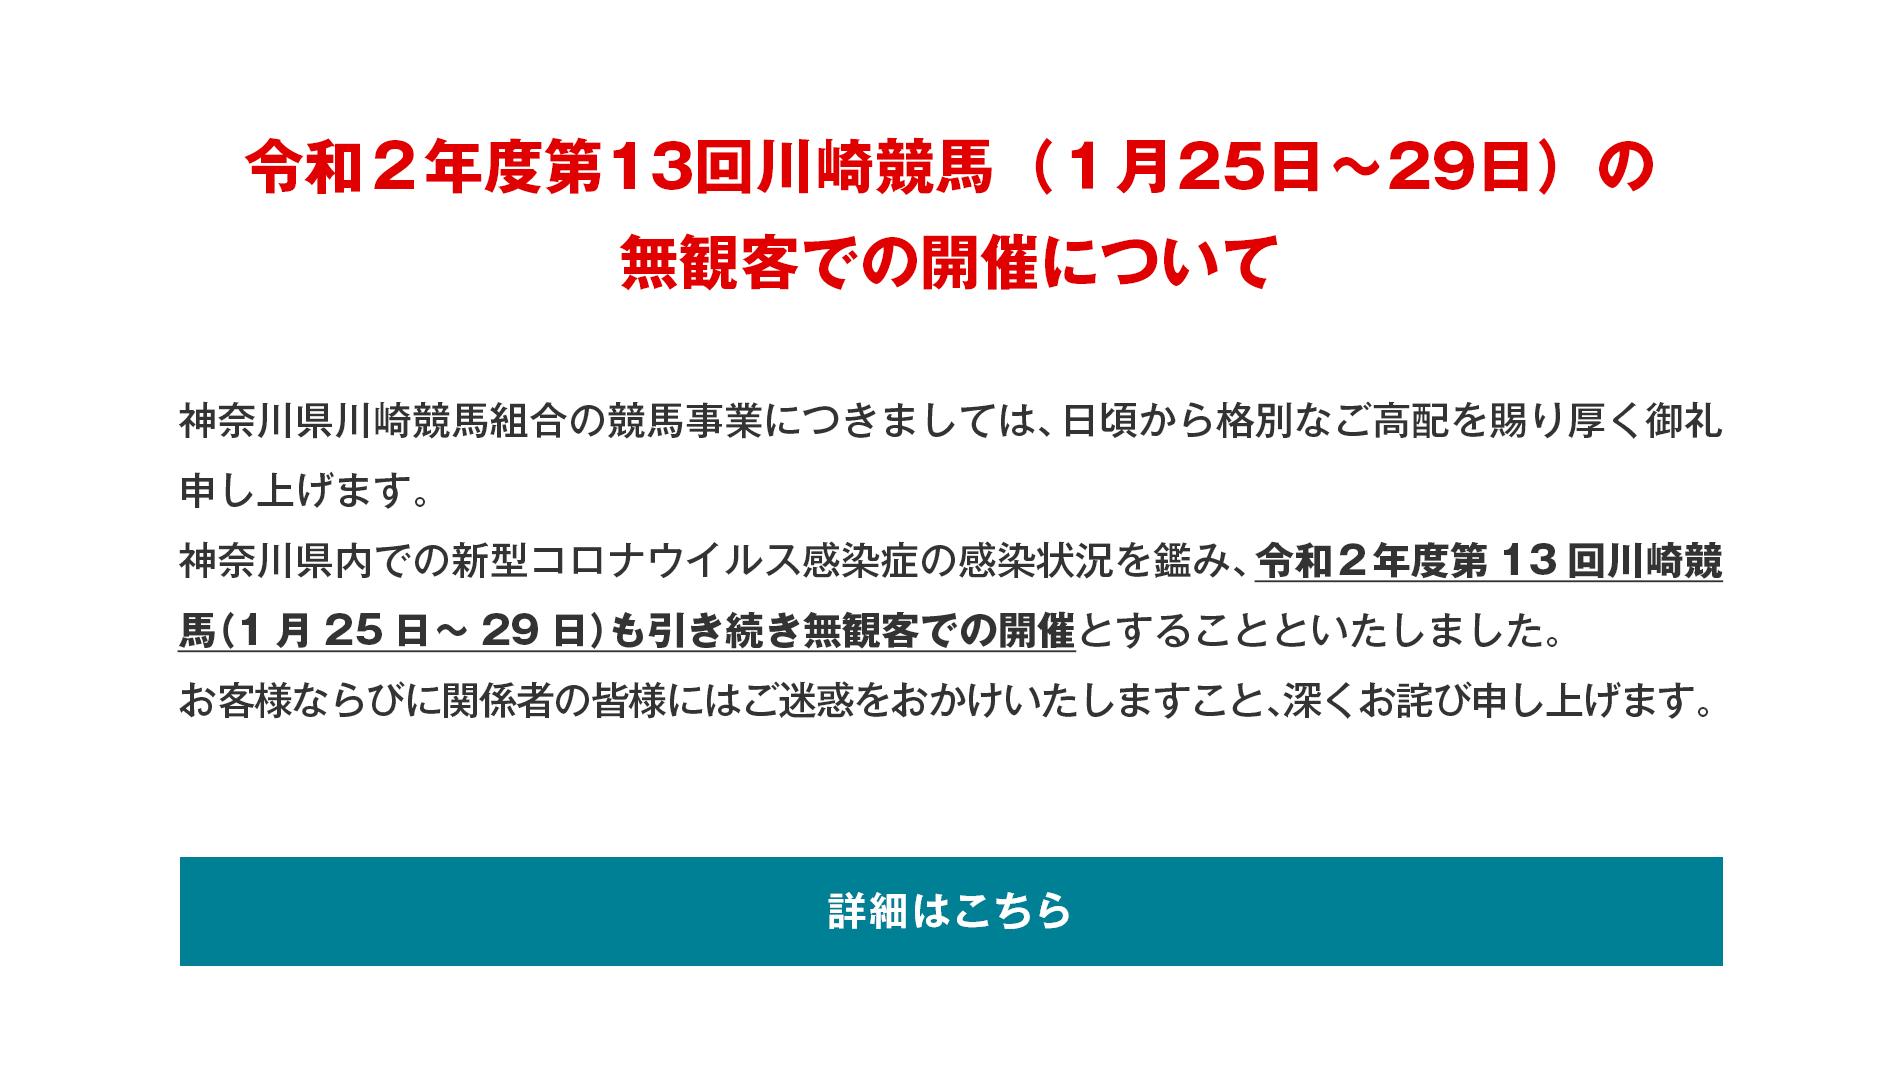 令和2年度第13回川崎競馬(1月25日~29日)の無観客での開催について